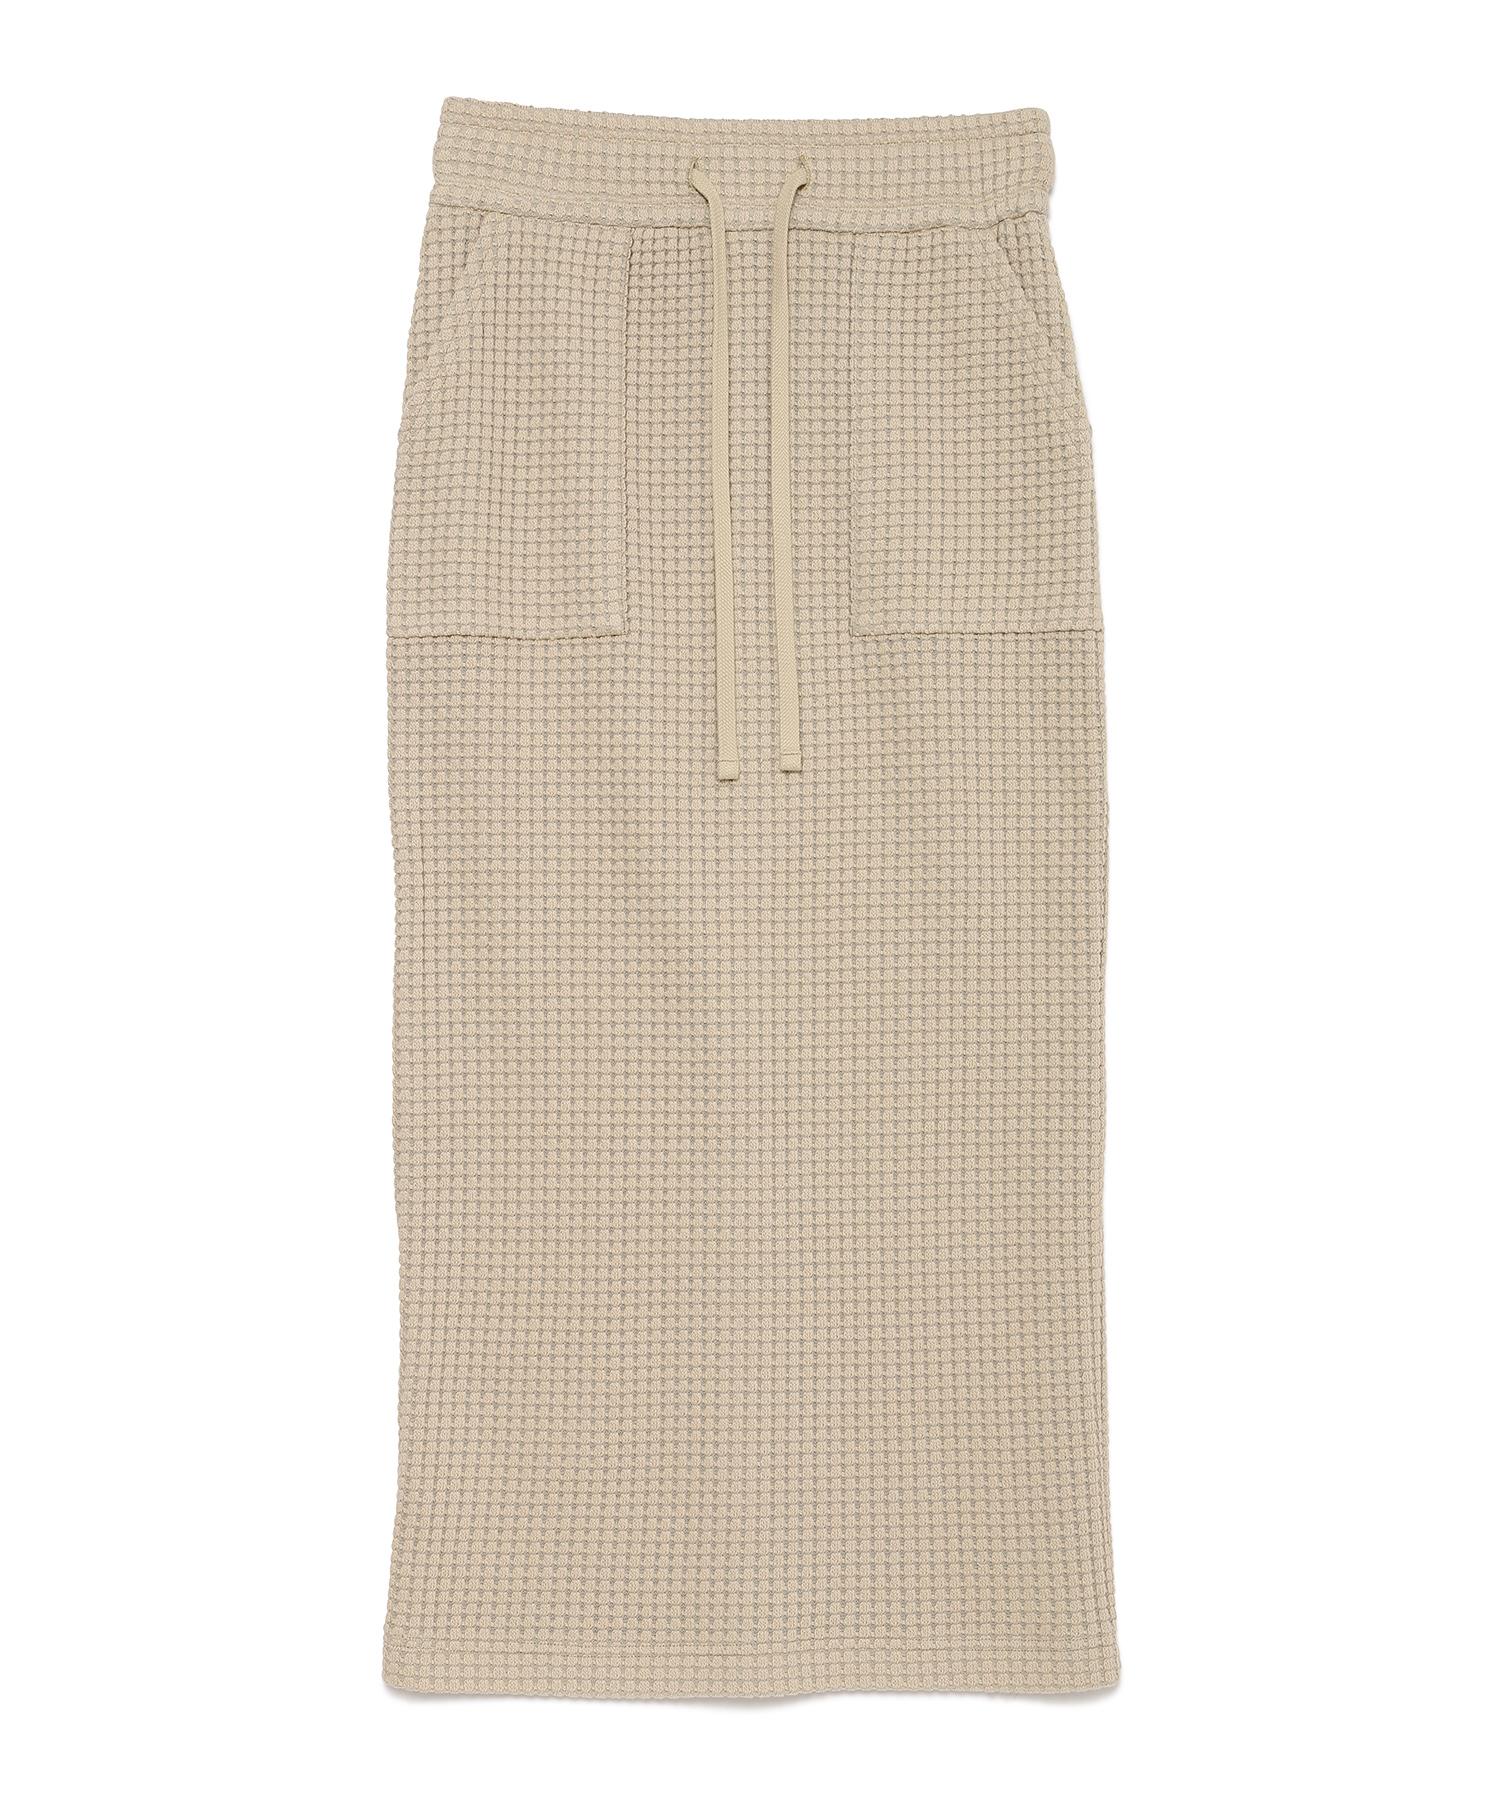 Seagreen BIG WAFFLE skirt